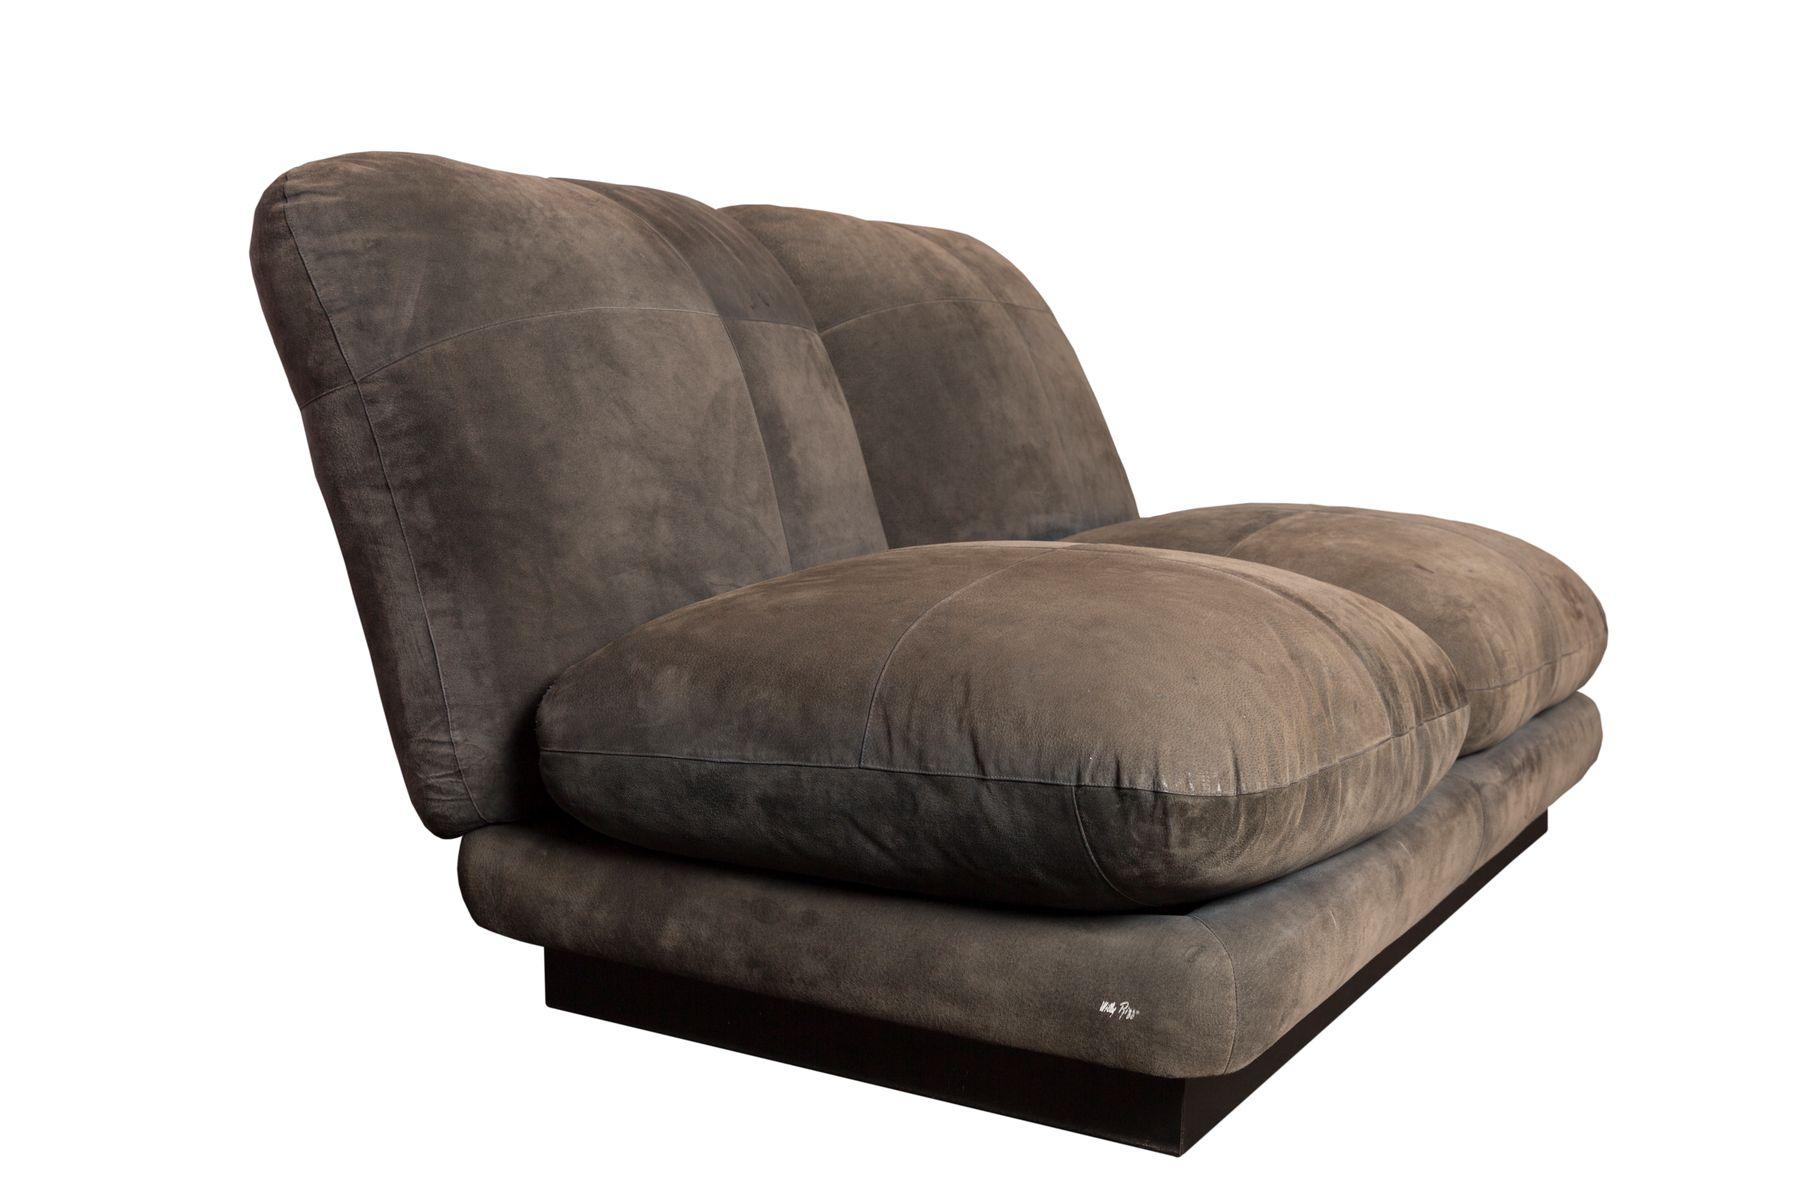 vintage 2 sitzer sofa von willy rizzo bei pamono kaufen. Black Bedroom Furniture Sets. Home Design Ideas